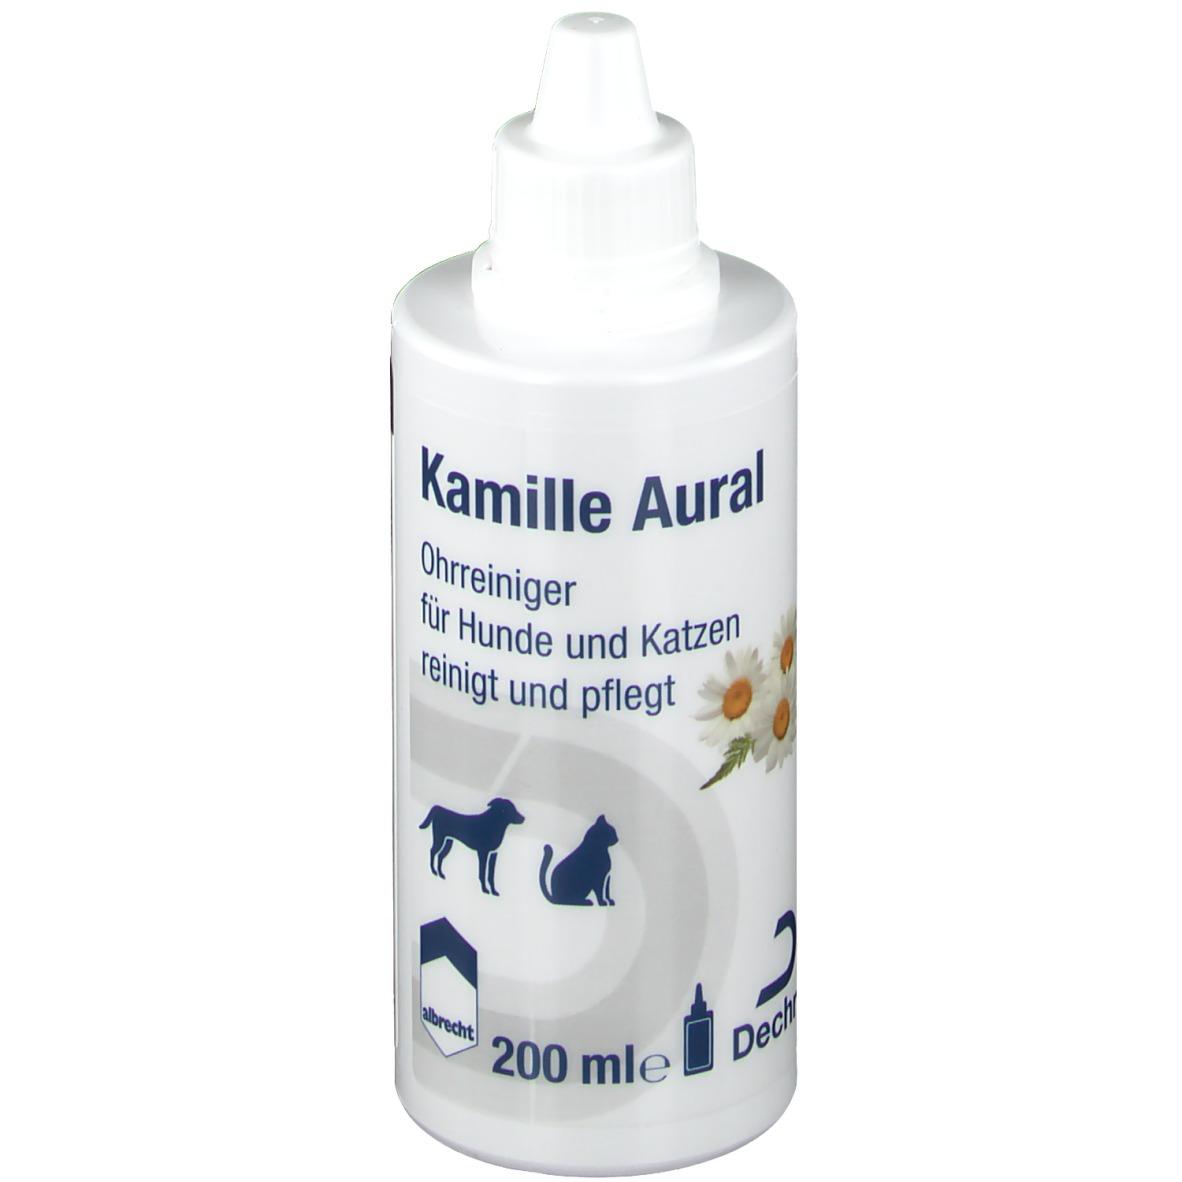 Kamille Aural 200 ml